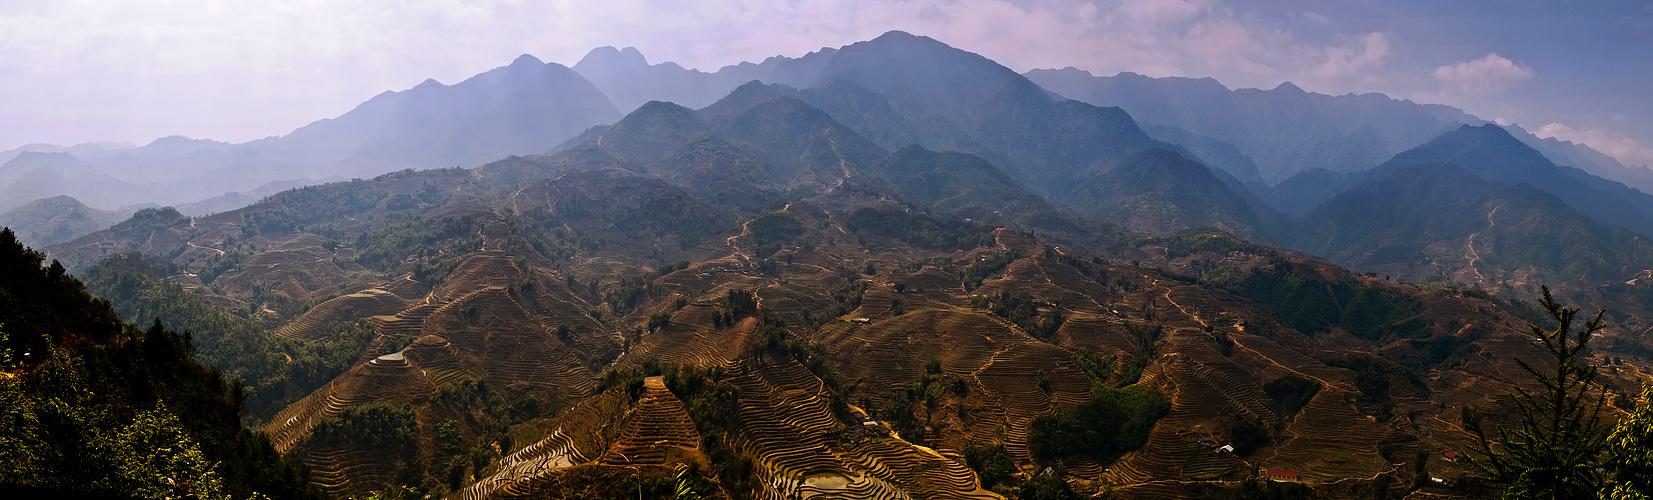 ~ Yunnan-Hochland ~